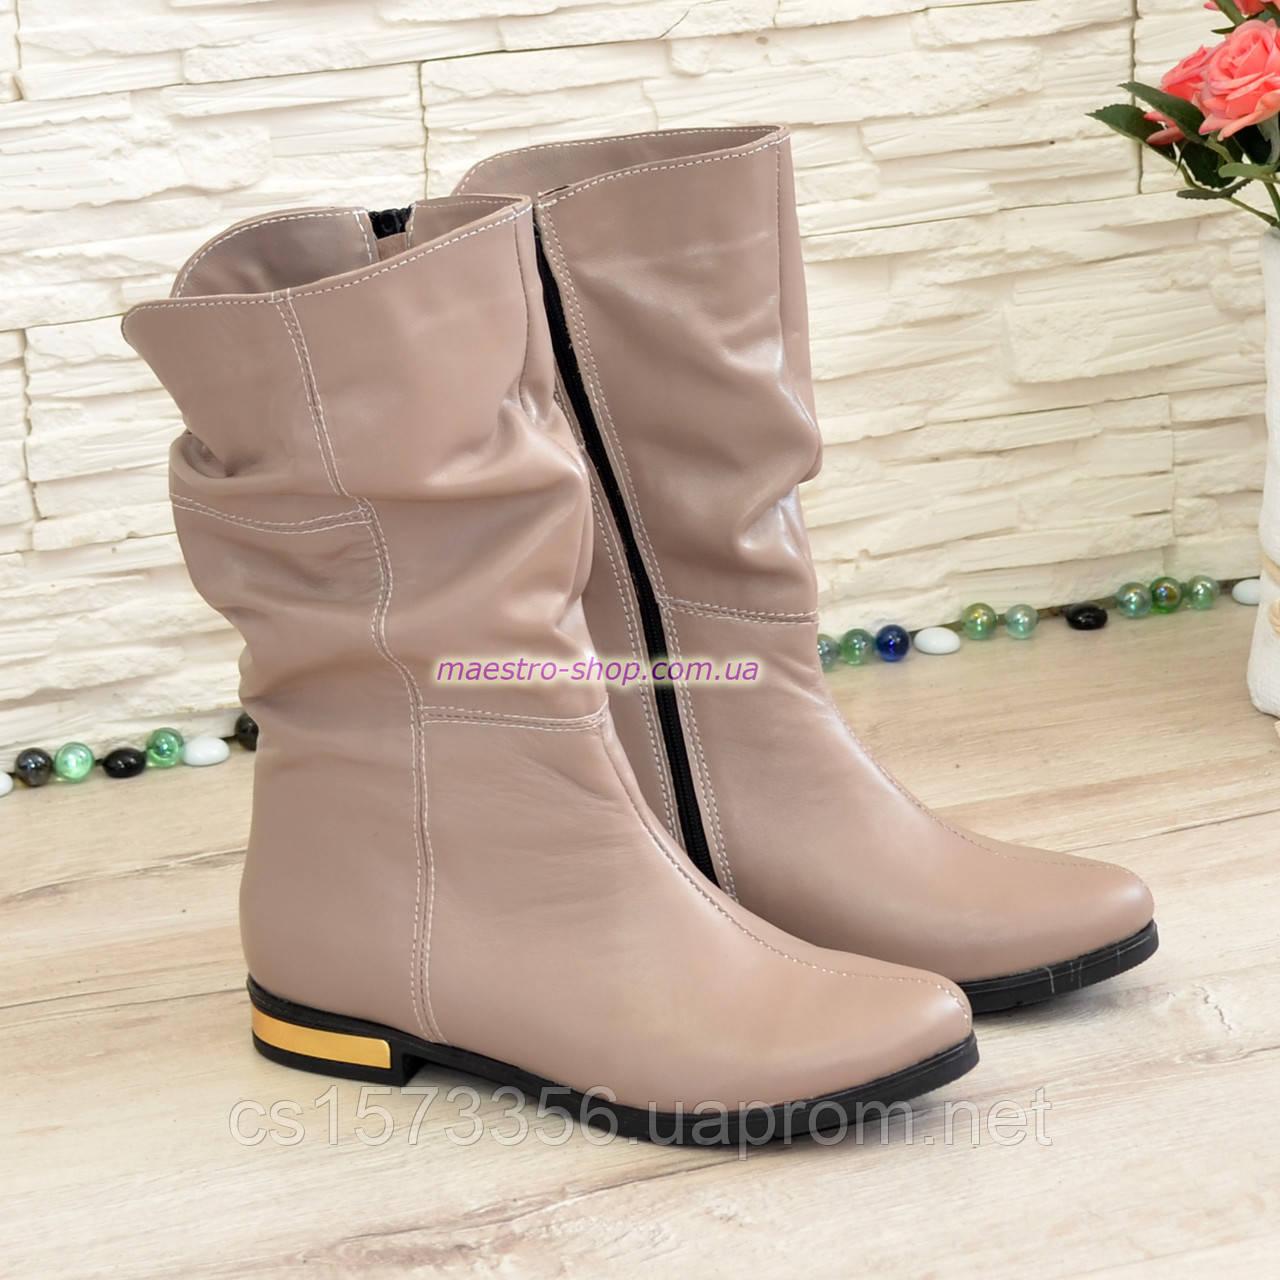 Ботинки кожаные демисезонные на низком ходу, цвет визон